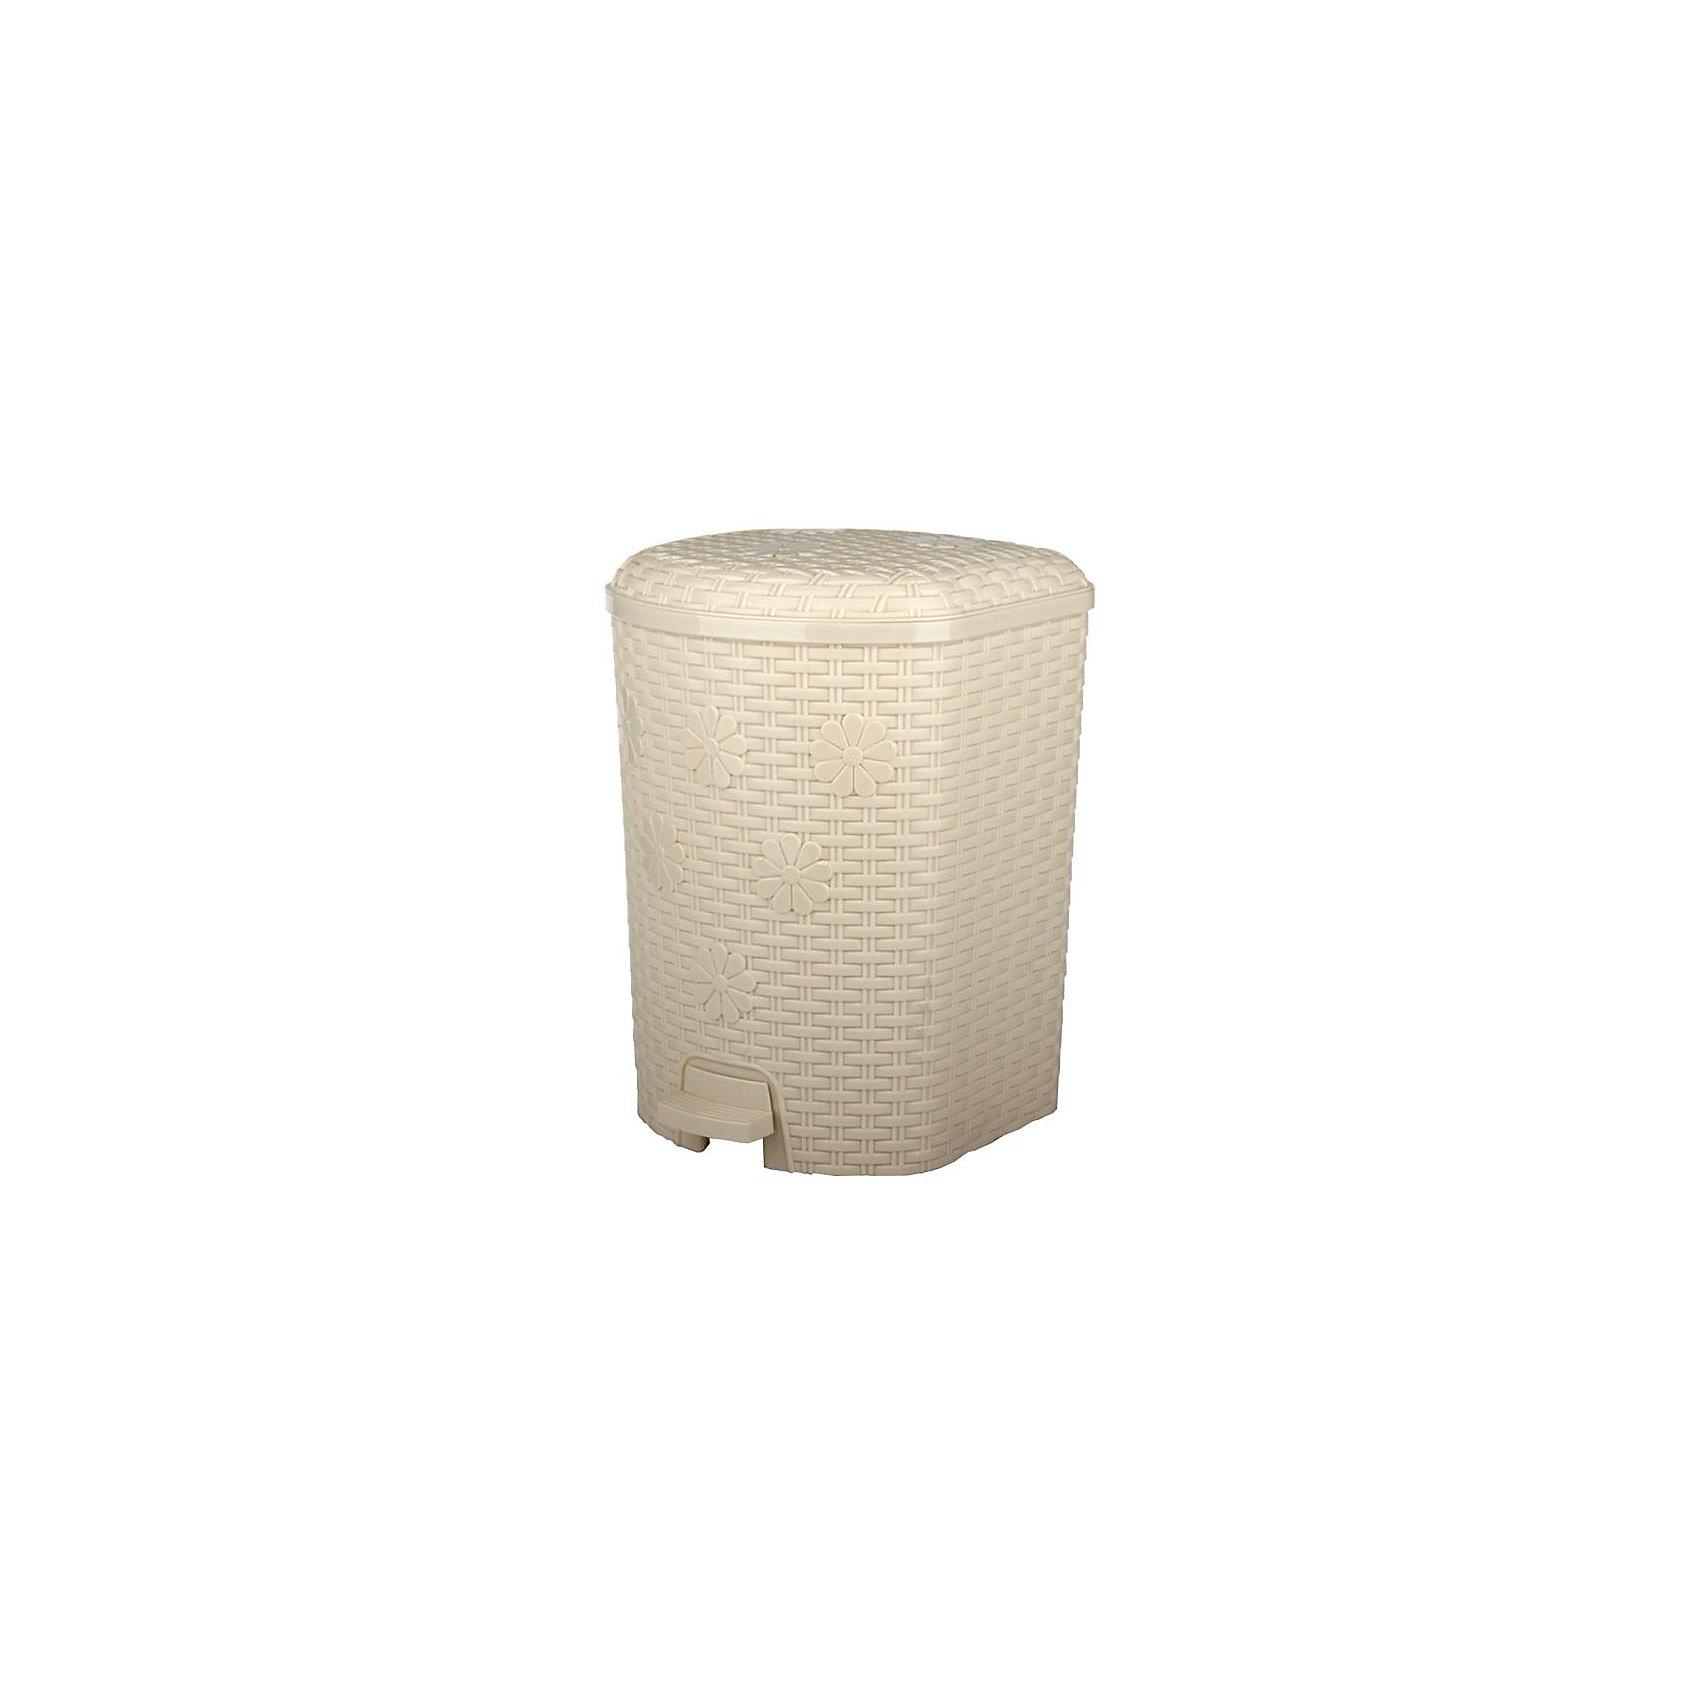 Контейнер для мусора Плетёнка 12л., Alternativa, слоновая костьМусорные ведра<br>Характеристики:<br><br>• Предназначение: для мусора<br>• Материал: пластик<br>• Цвет: слоновая кость<br>• Размер (Д*Ш*В): 22,8*22,5*33,6 см<br>• Вместимость (объем): 12 л<br>• Форма: прямоугольный<br>• Наличие крышки <br>• Наличие педали<br>• Наличие внутреннего контейнера-вкладыша с ручкой<br>• Особенности ухода: разрешается мыть теплой водой<br><br>Контейнер для мусора Плетёнка 12 л., Alternativa, слоновая кость изготовлен отечественным производителем ООО ЗПИ Альтернатива, который специализируется на выпуске широкого спектра изделий из пластика. Контейнер выполнен из экологически безопасного пластика, устойчивого к механическим повреждениям, корпус оформлен имитацией плетения из лозы, в комплекте внутренний контейнер-вкладыш с ручкой и педаль для подъма крышки. Изделие имеет удобную форму, достаточно легкое в уходе. Контейнер для мусора Плетёнка 12 л., Alternativa, слоновая кость позволит поддерживать порядок дома без особого труда.<br><br>Контейнер для мусора Плетёнка 12 л., Alternativa, слоновая кость можно купить в нашем интернет-магазине.<br><br>Ширина мм: 228<br>Глубина мм: 225<br>Высота мм: 336<br>Вес г: 1323<br>Возраст от месяцев: 6<br>Возраст до месяцев: 84<br>Пол: Унисекс<br>Возраст: Детский<br>SKU: 5096591